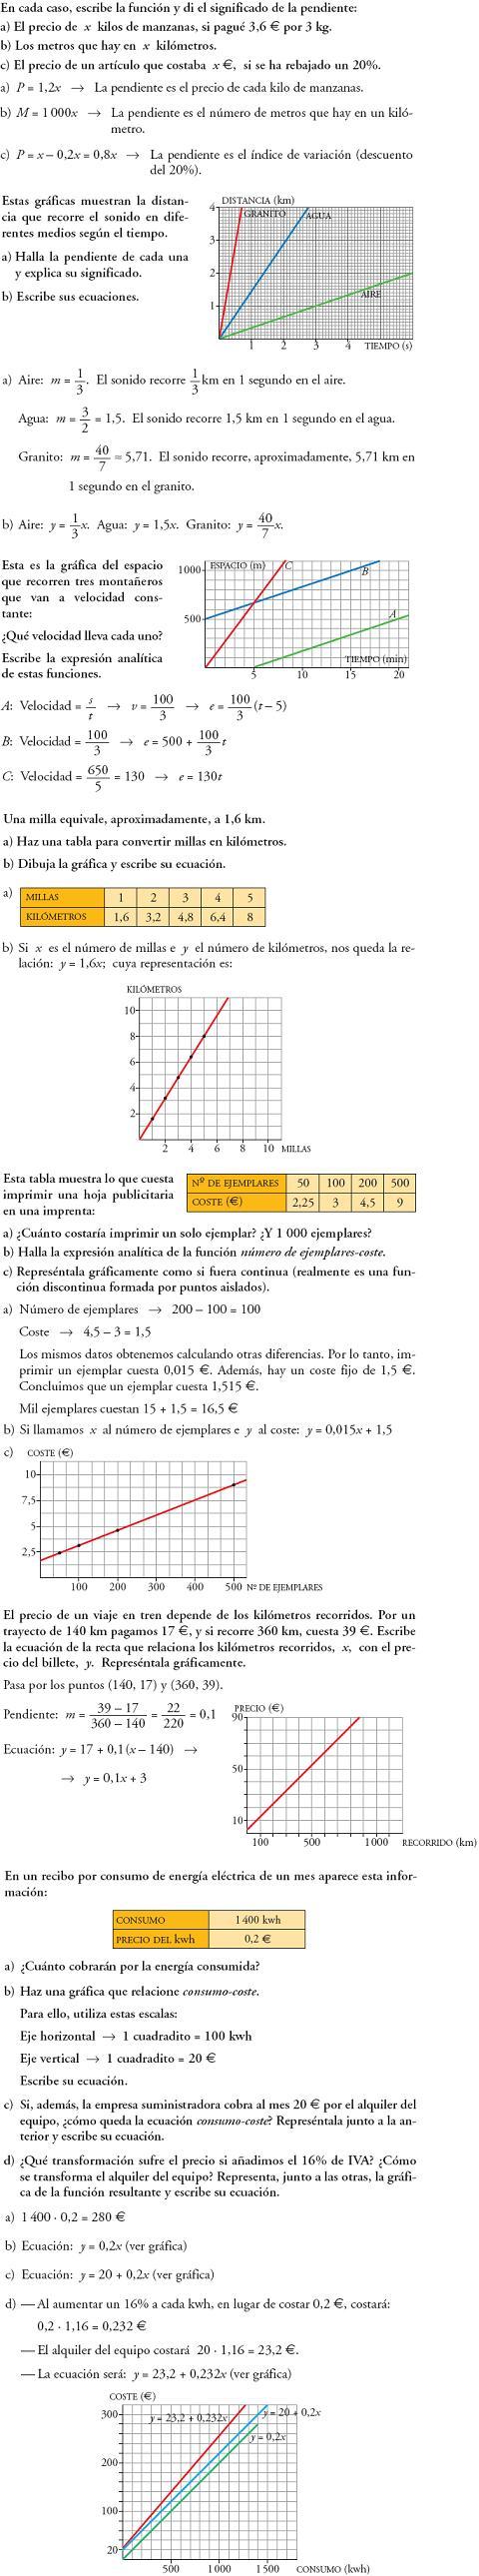 Matemáticas. Problemas resueltos 3º ESO - Piensa y resuelve. Funciones lineales